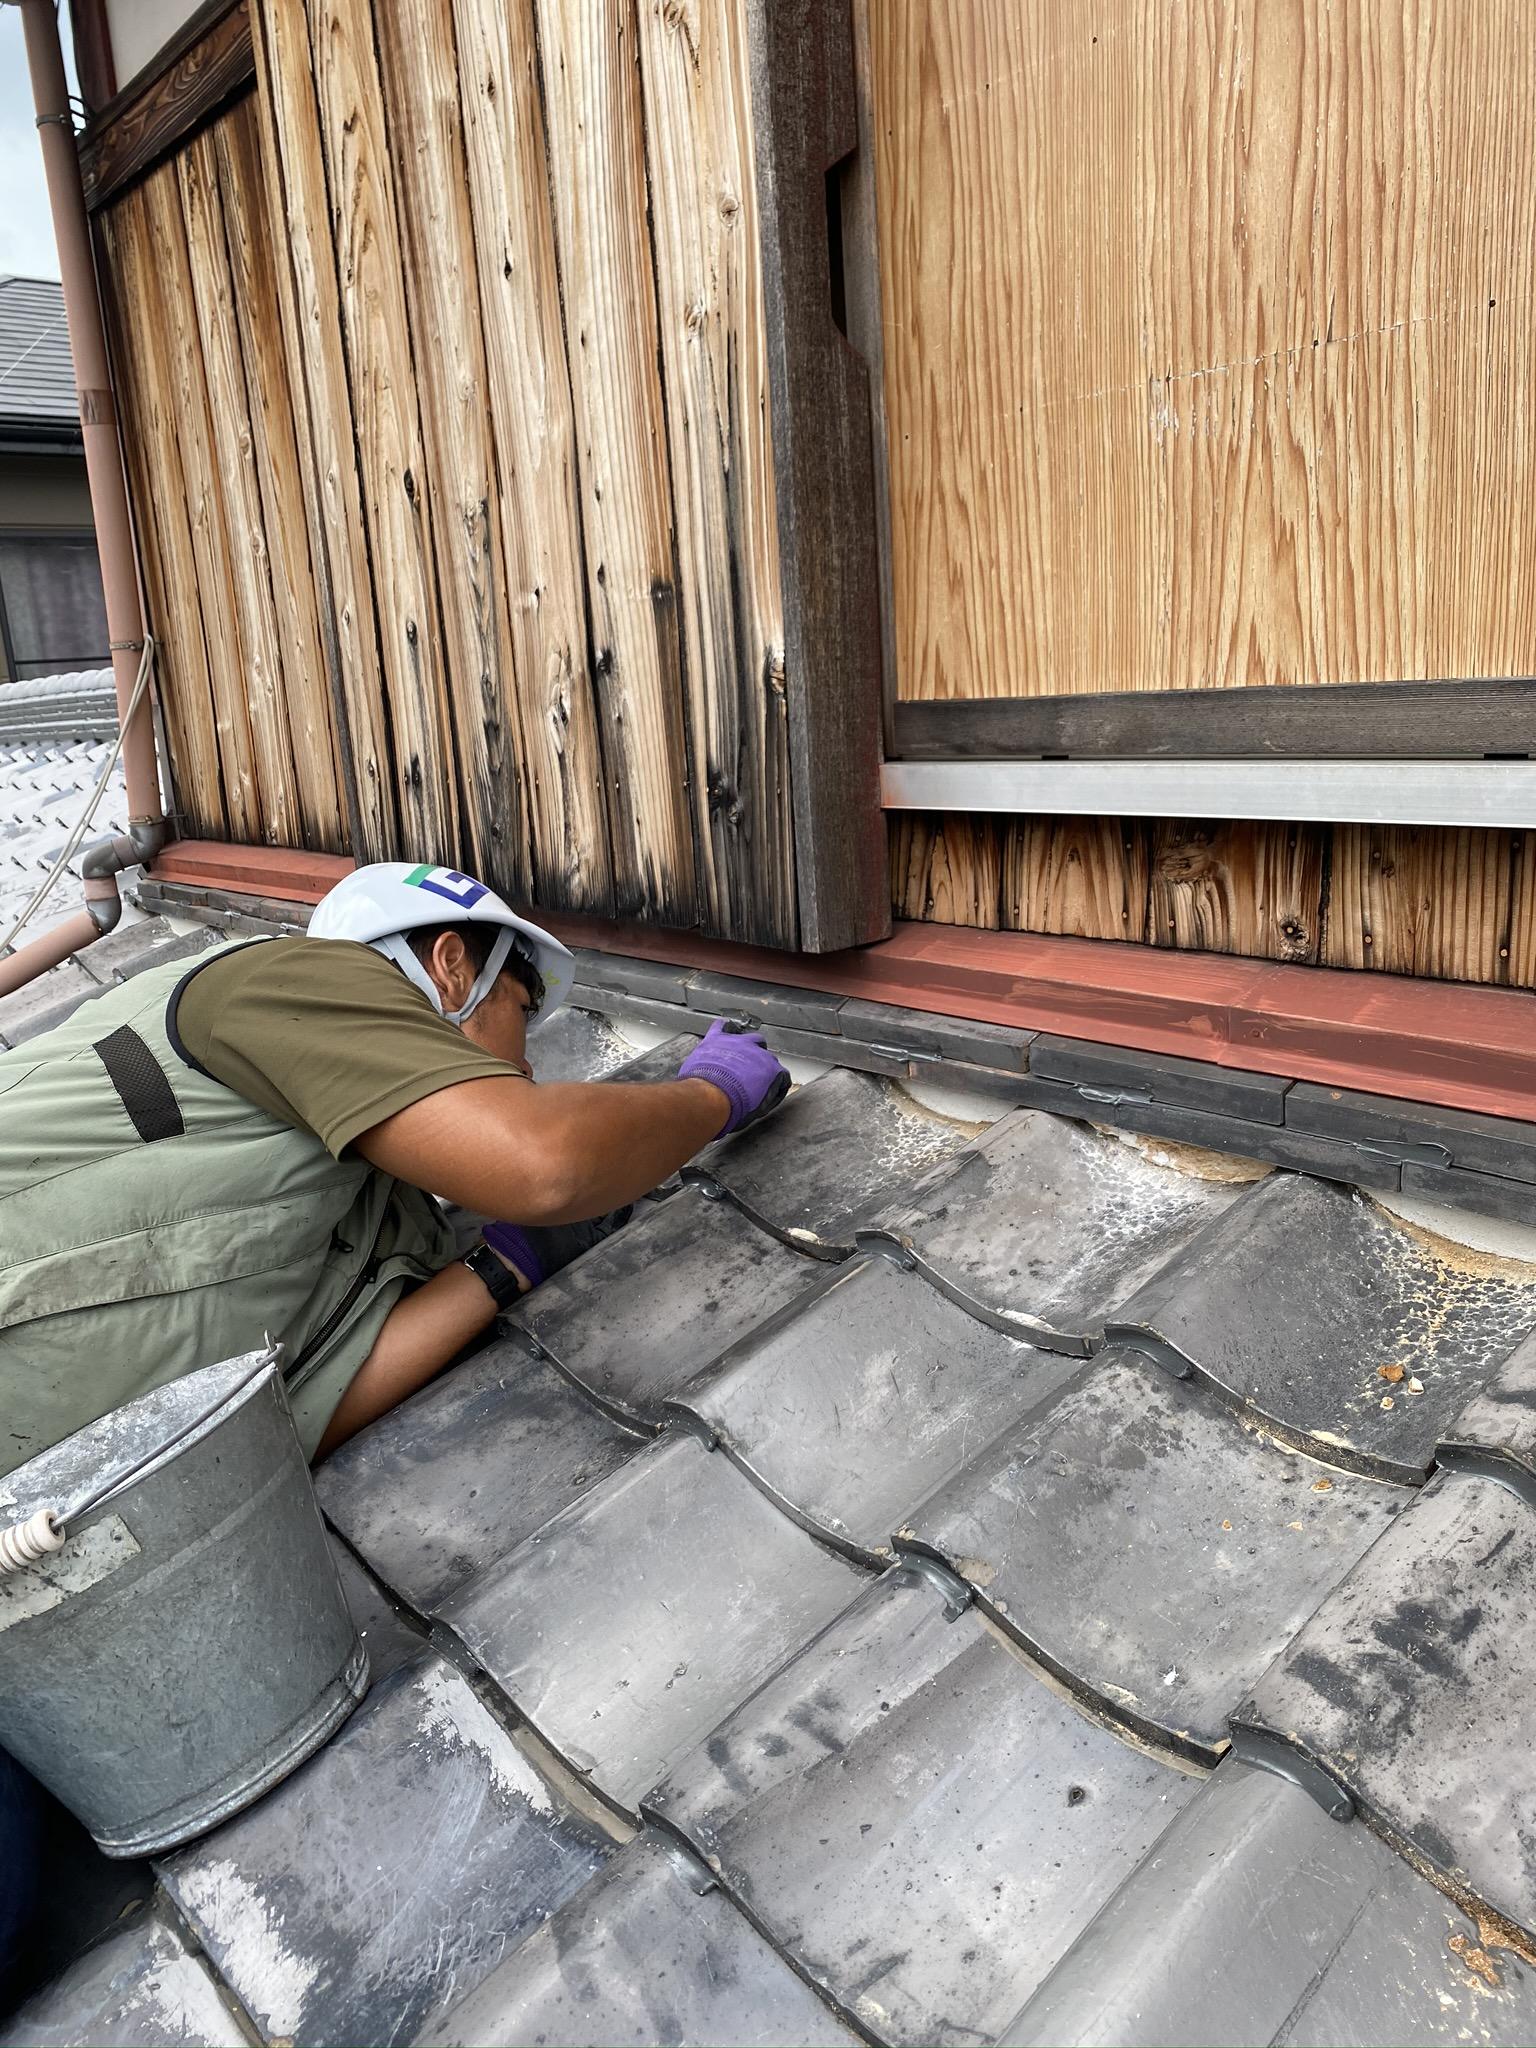 滋賀草津でラバー工法による瓦屋根補強、漆喰補修のリフォーム!